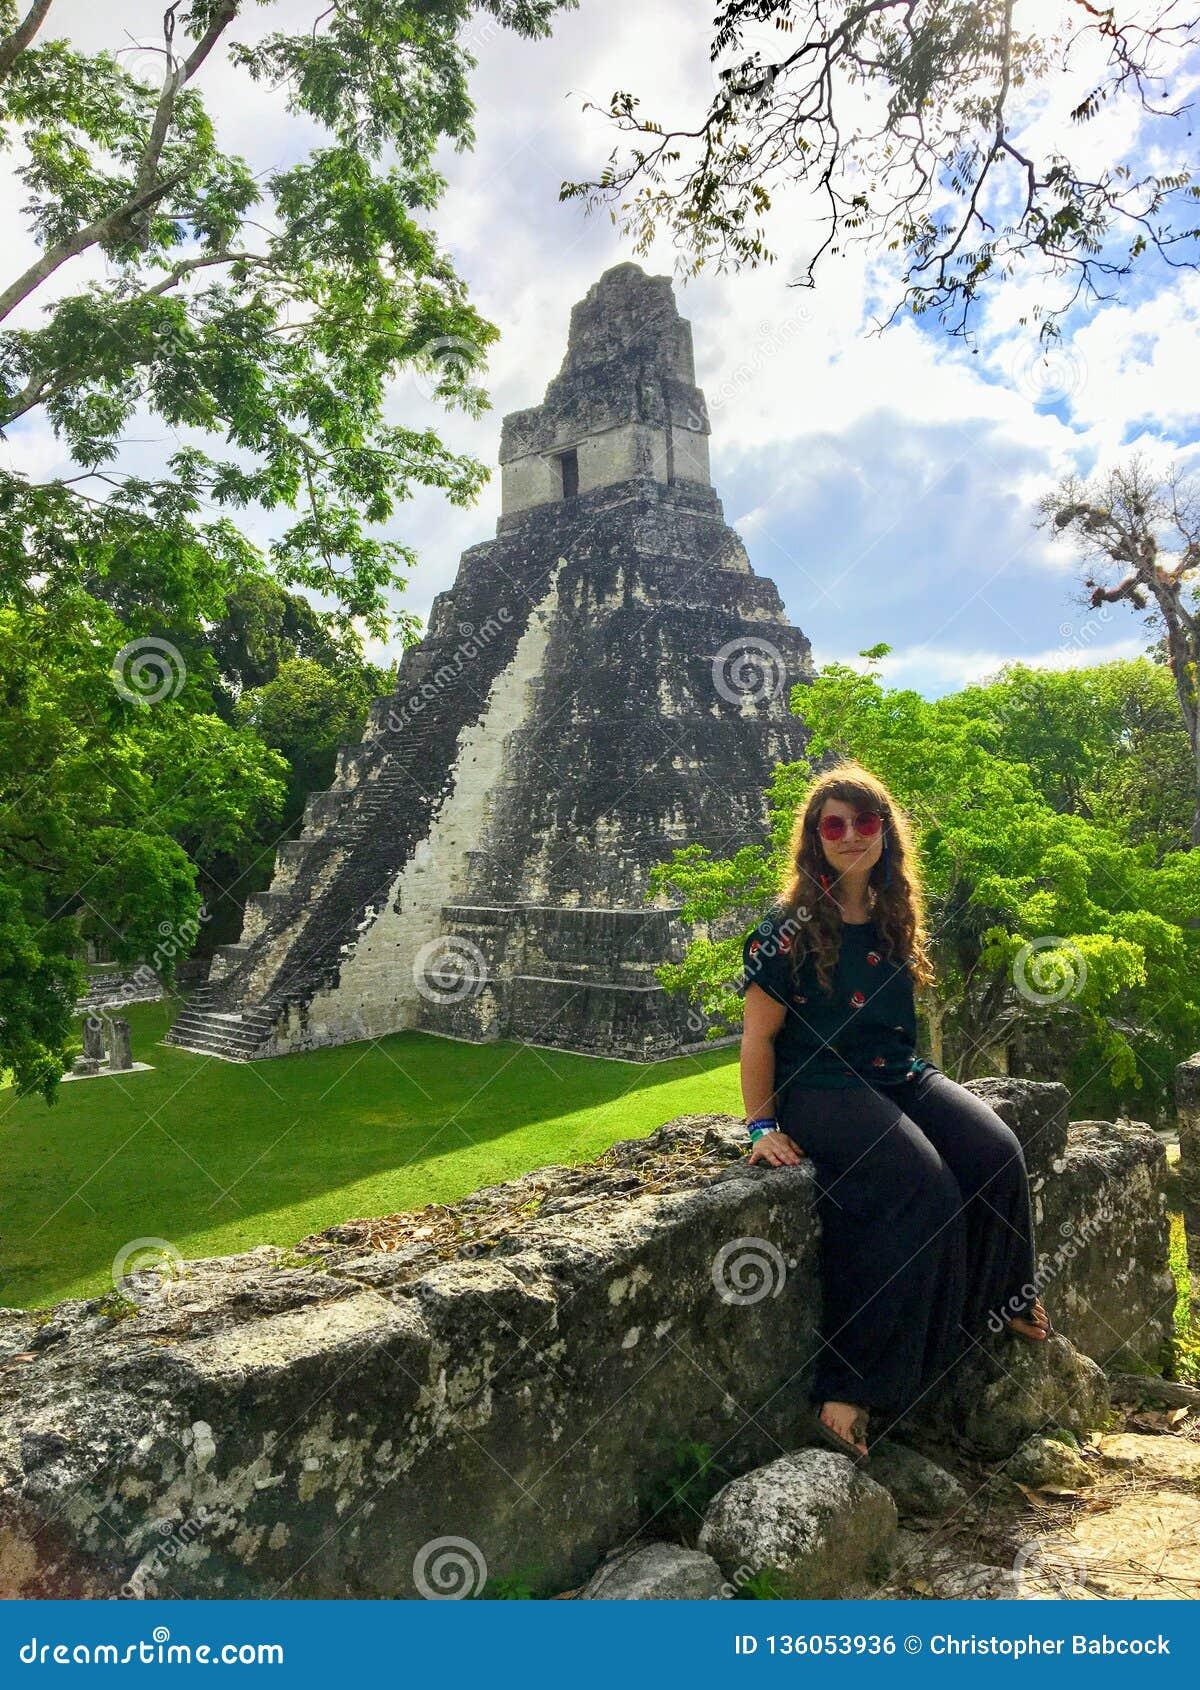 摆在蒂卡尔废墟,古老玛雅废墟前面的一个俏丽的年轻女性游人深深在危地马拉北部雨林